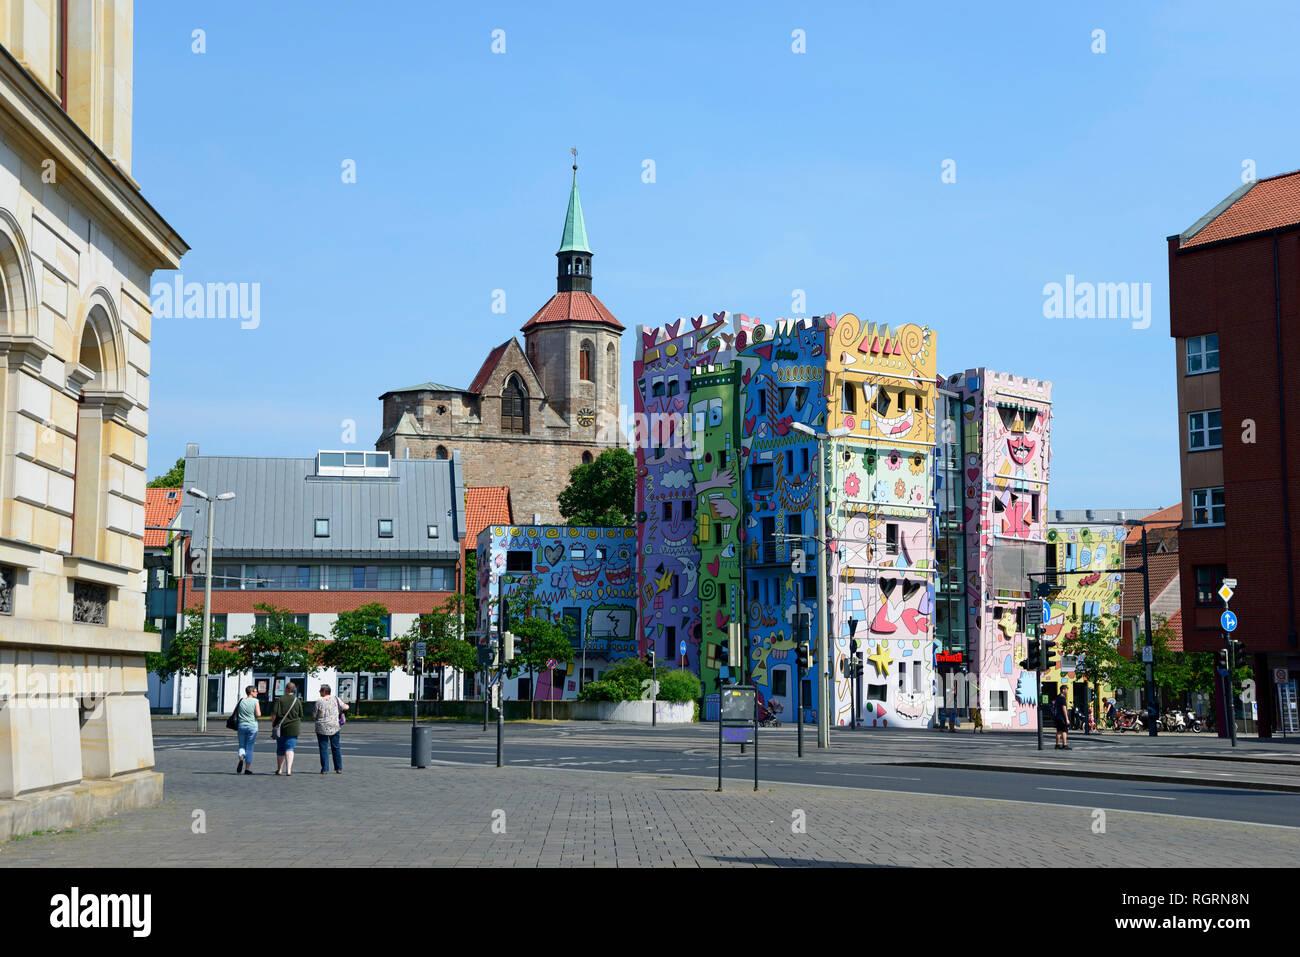 Magniviertel Braunschweig Niedersachsen Deutschland Braunschweig